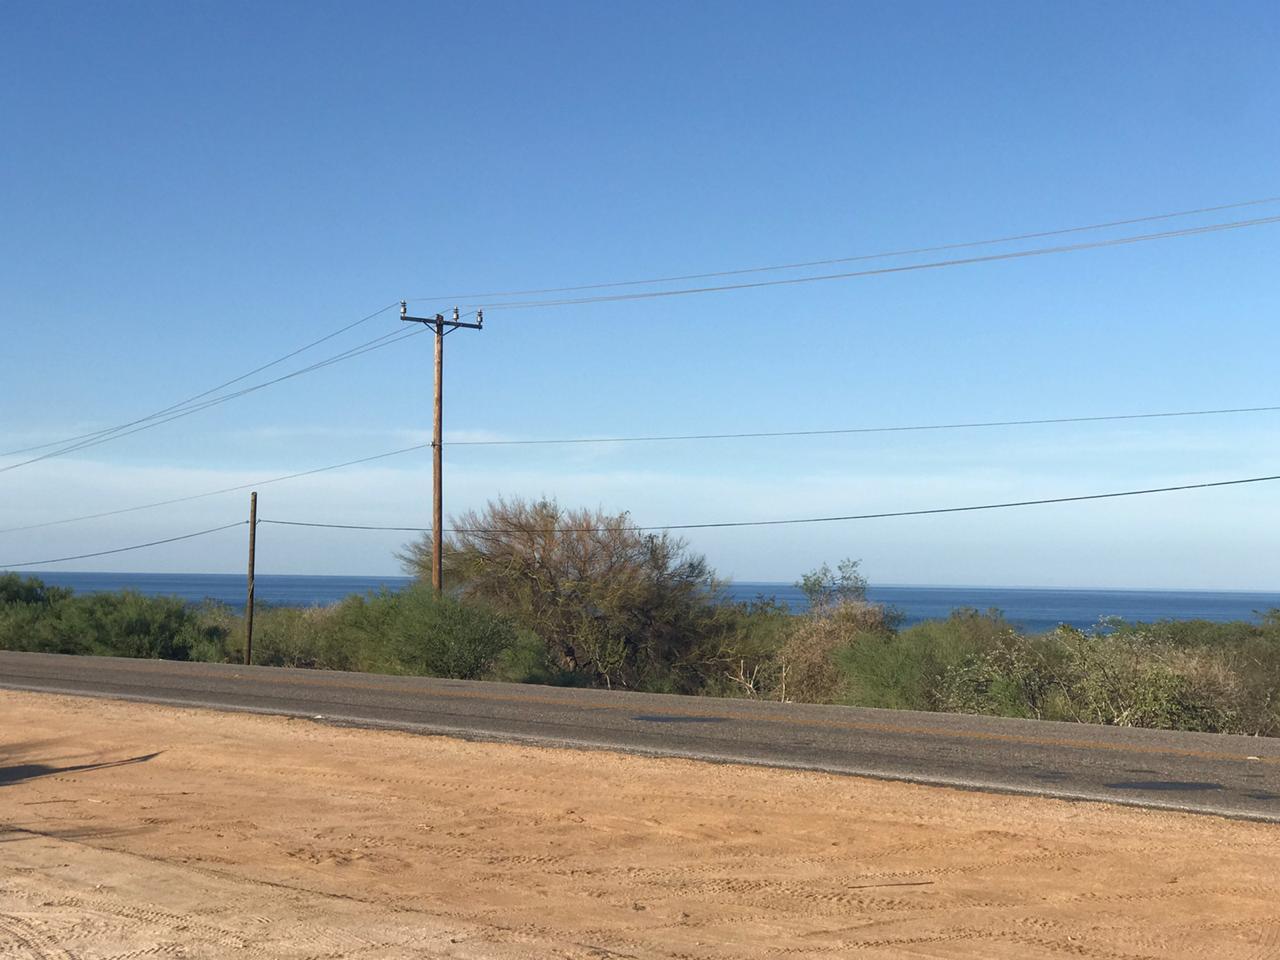 Carretera Buena Vista-Santiago East Cape